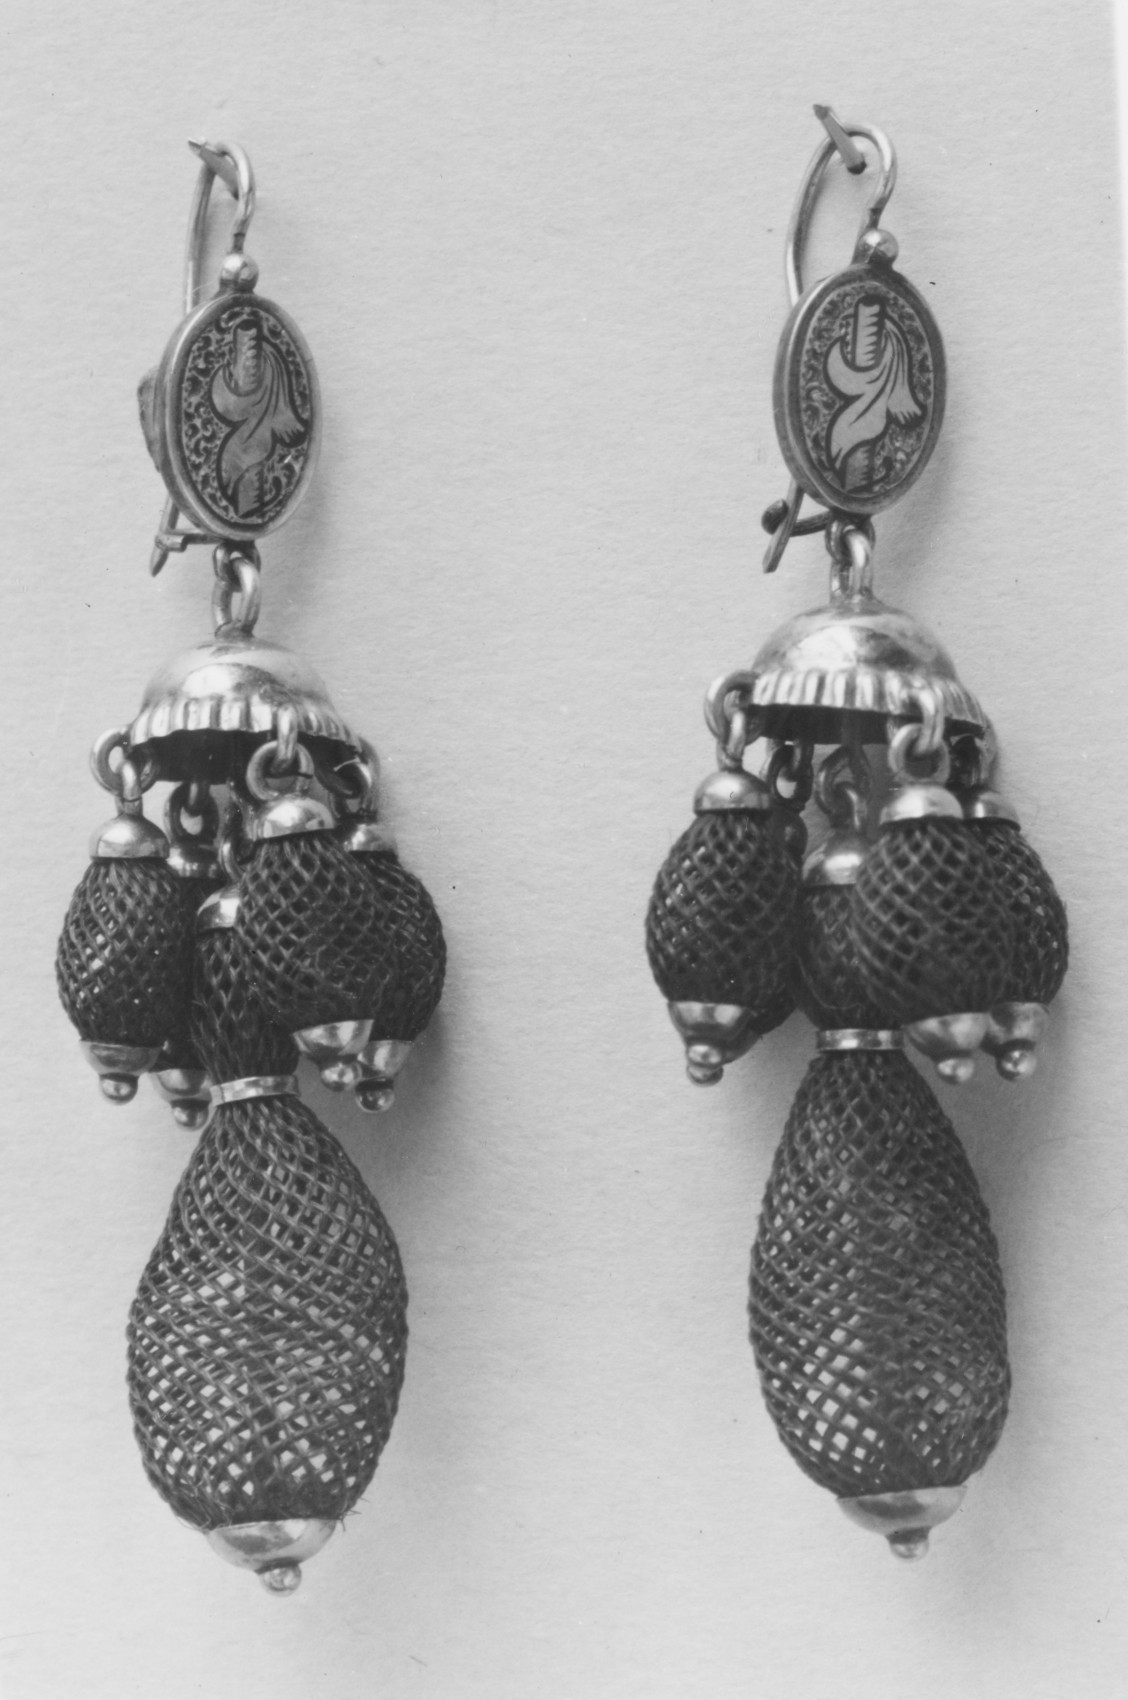 Kay Wright and Company, oorsieraden, circa 1880. Collectie Metropolitan Museum of Art, 54.93.1, .2, menselijk haar, goud